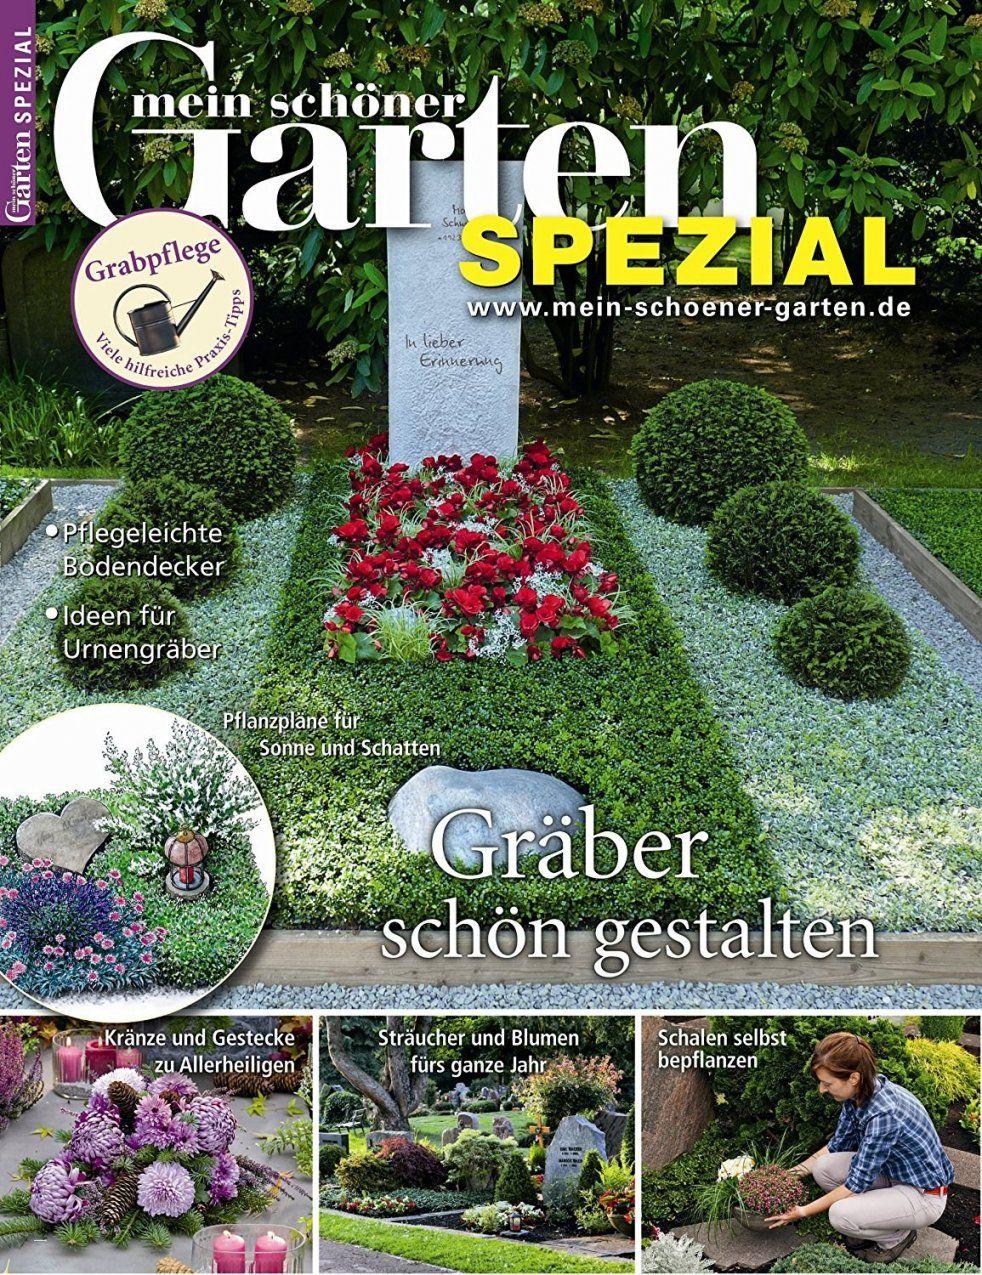 18 Schön Mein Schöner Garten Gartenplaner  Maisonbonte von Mein Schöner Garten Geschenkabo Bild